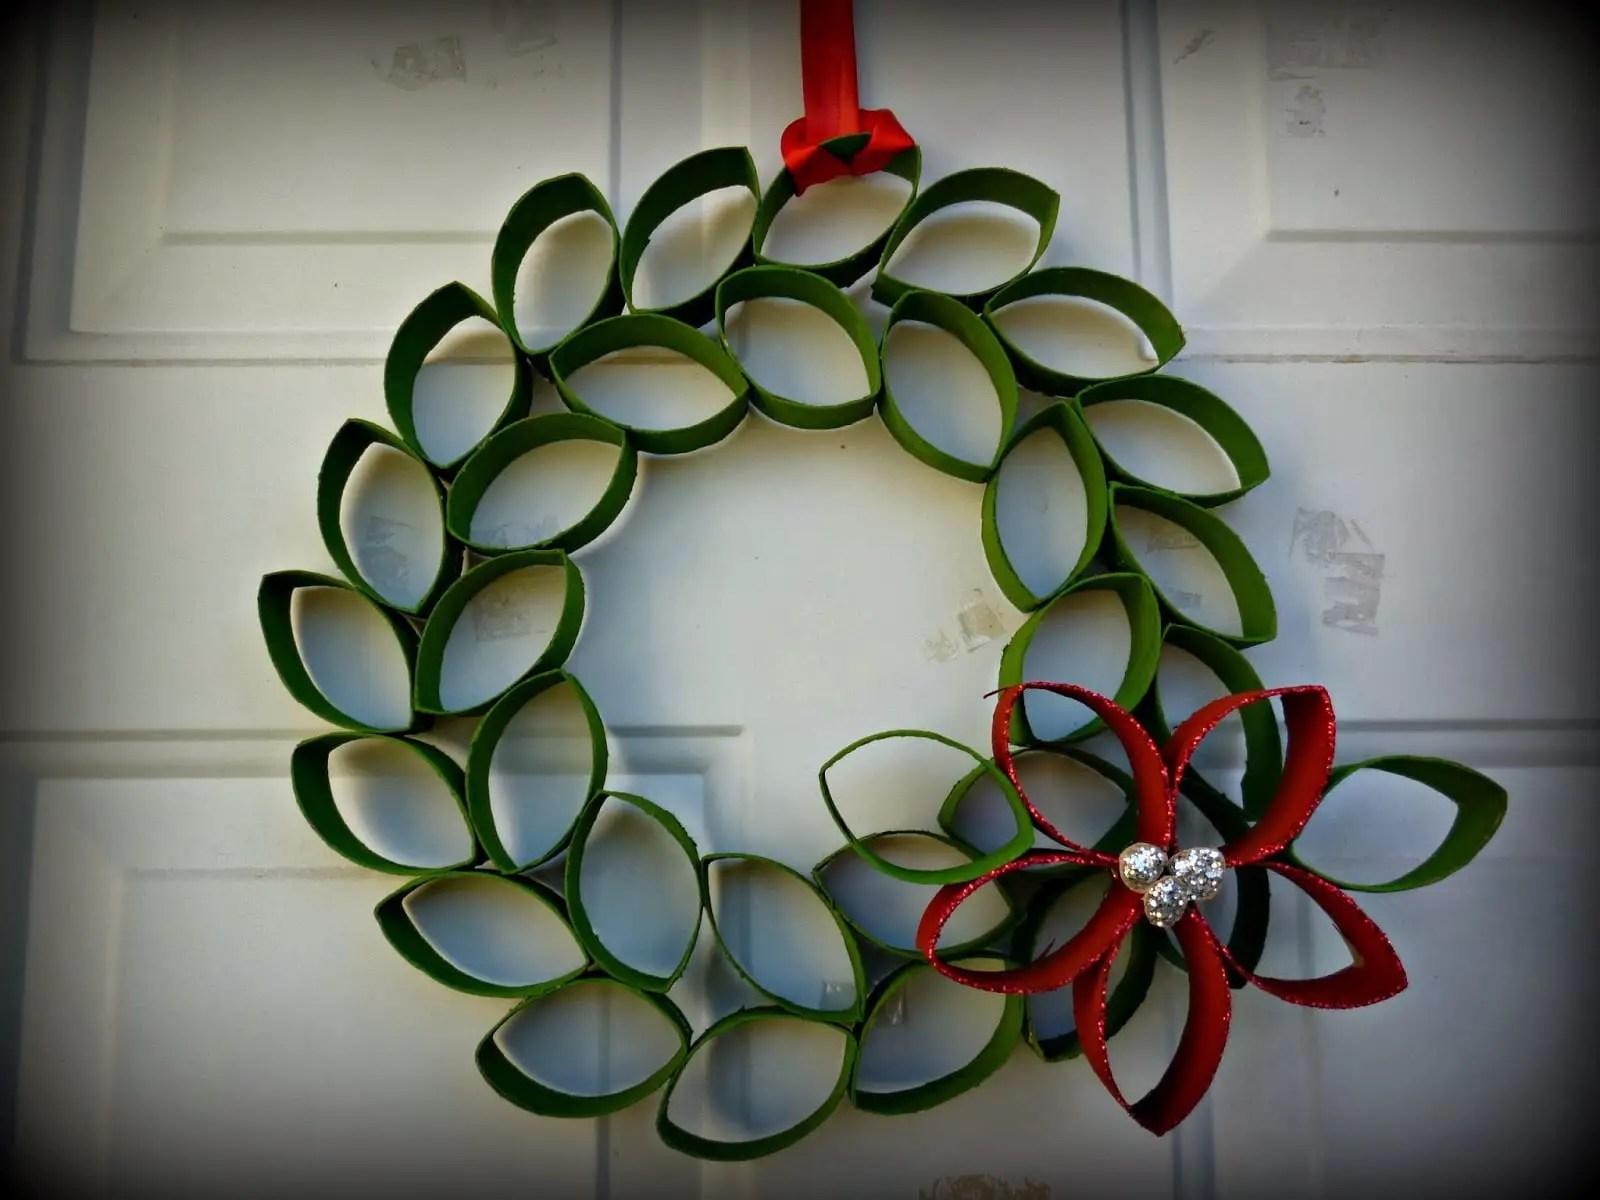 Originales coronas y decoraciones navide as con tubos de - Decoracion navidena diy ...